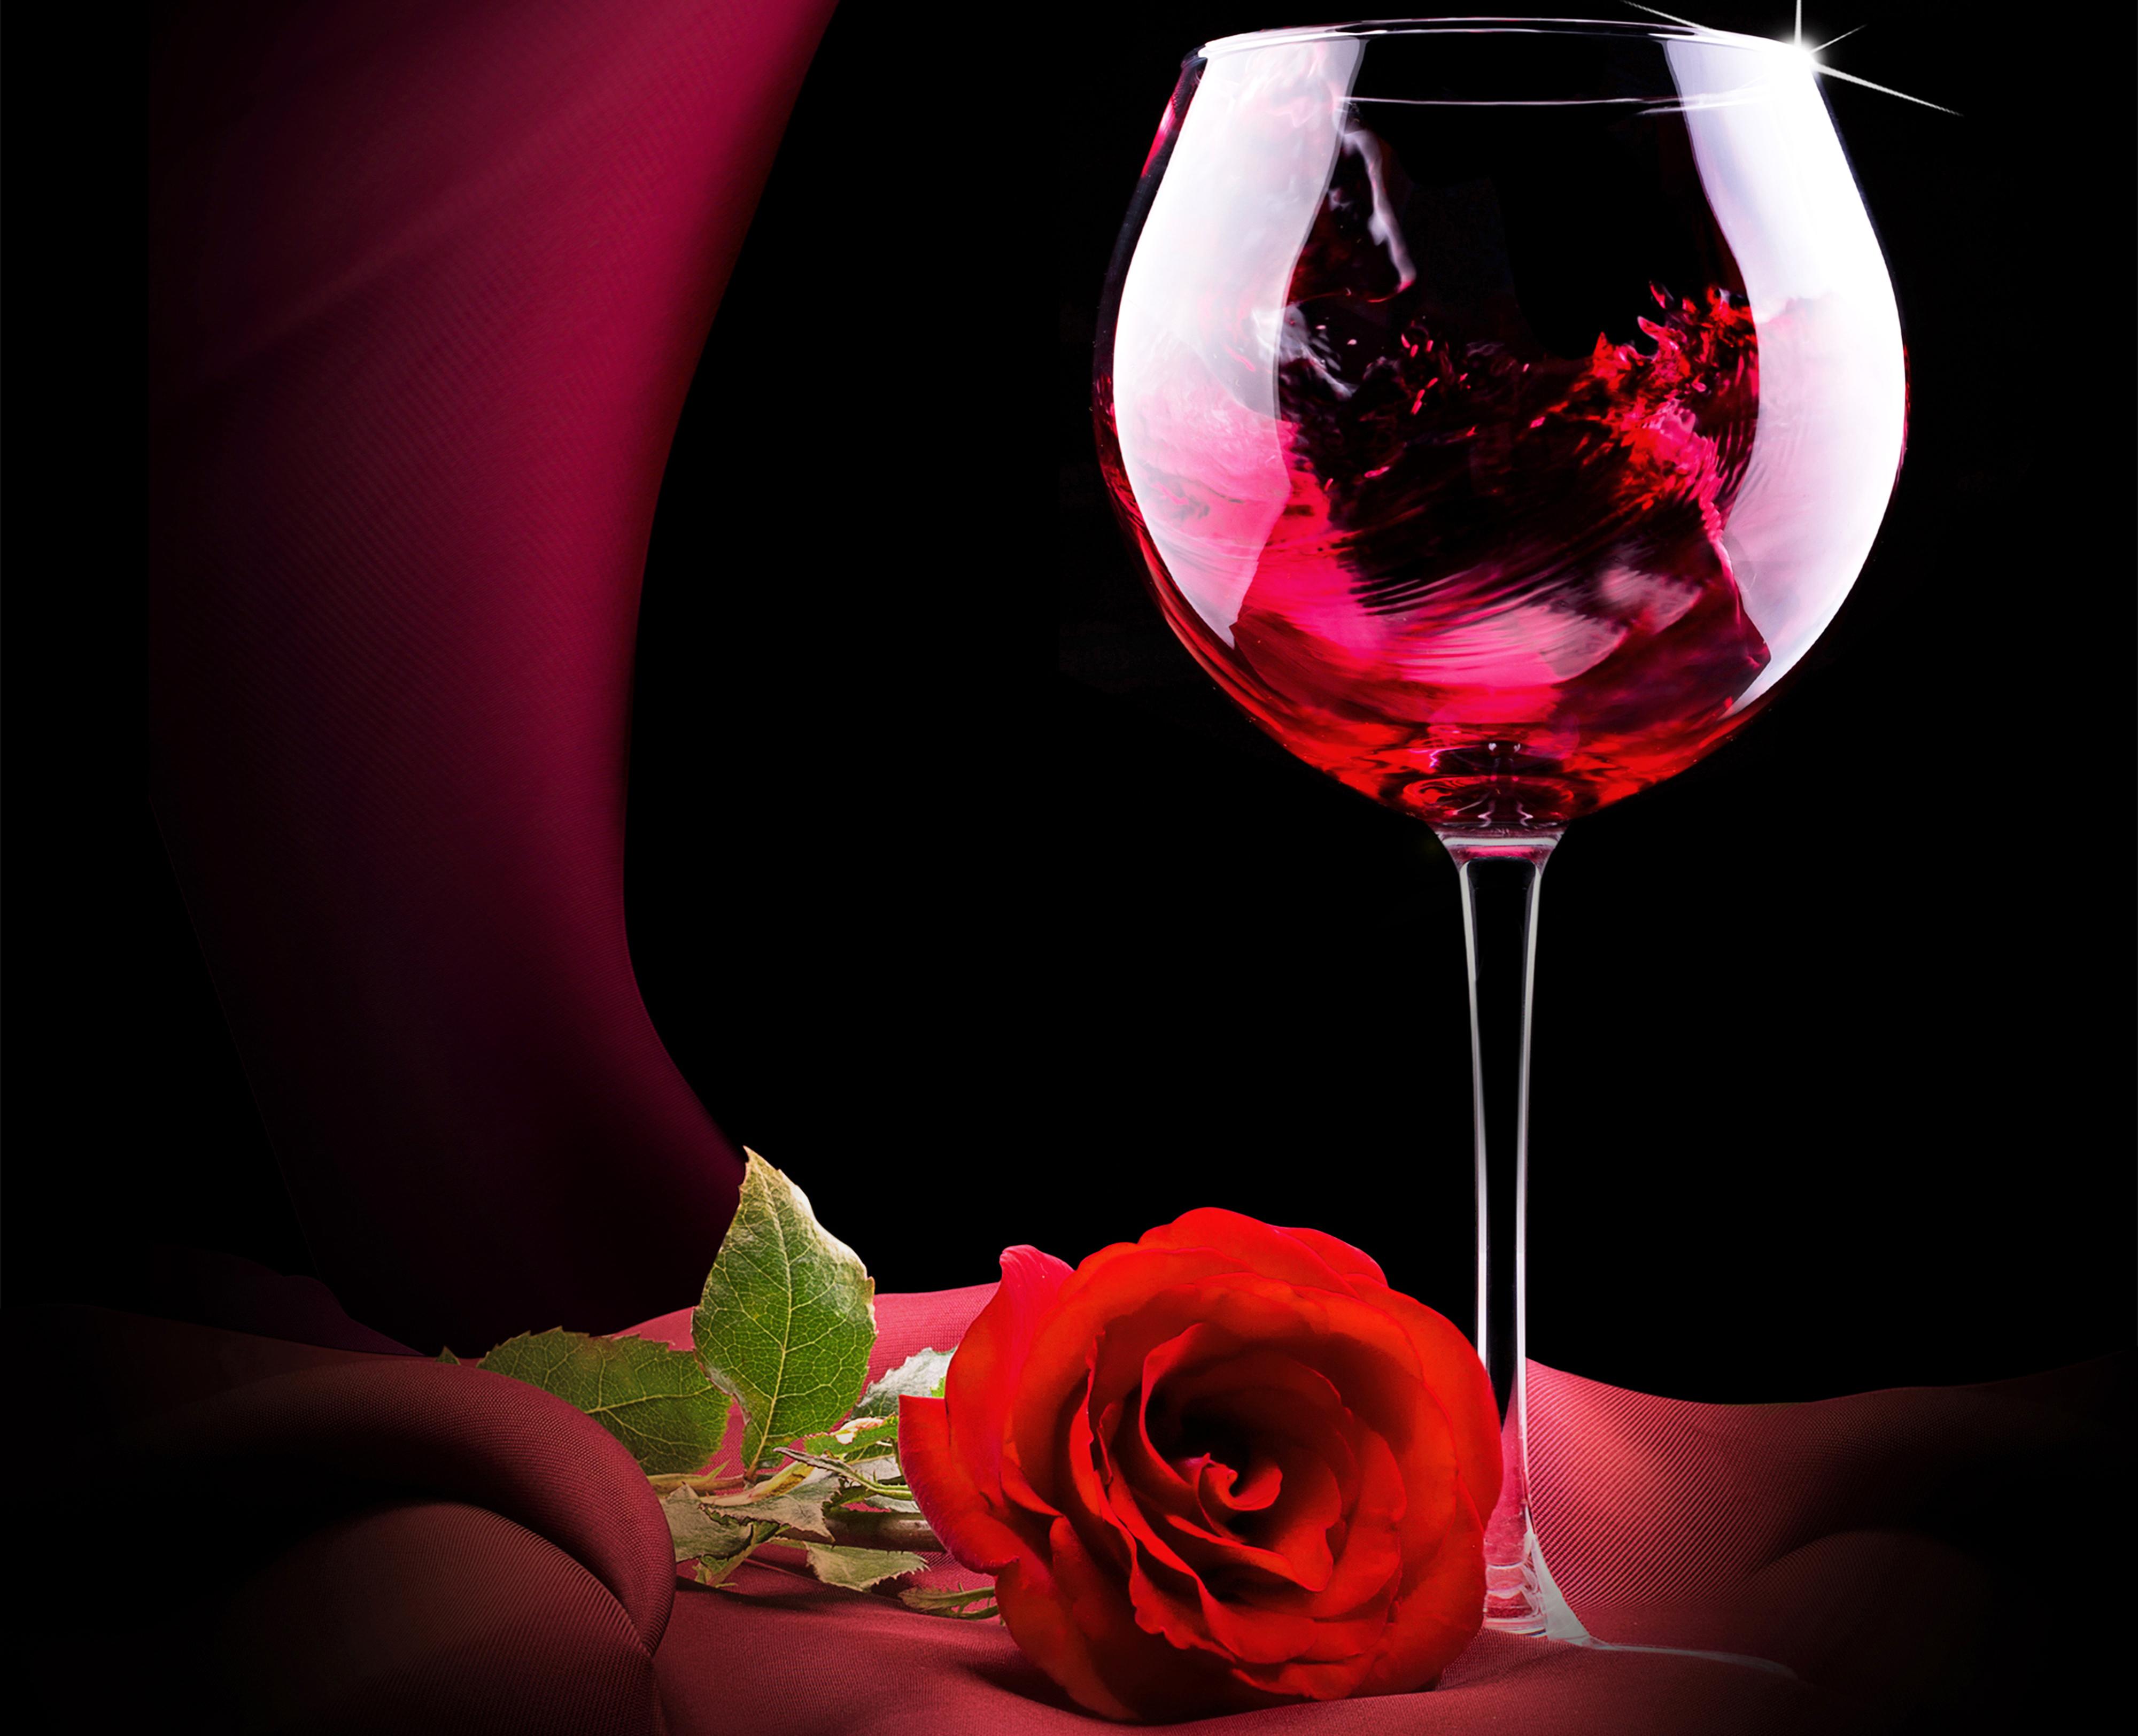 Два бокала с розами  № 750313 без смс